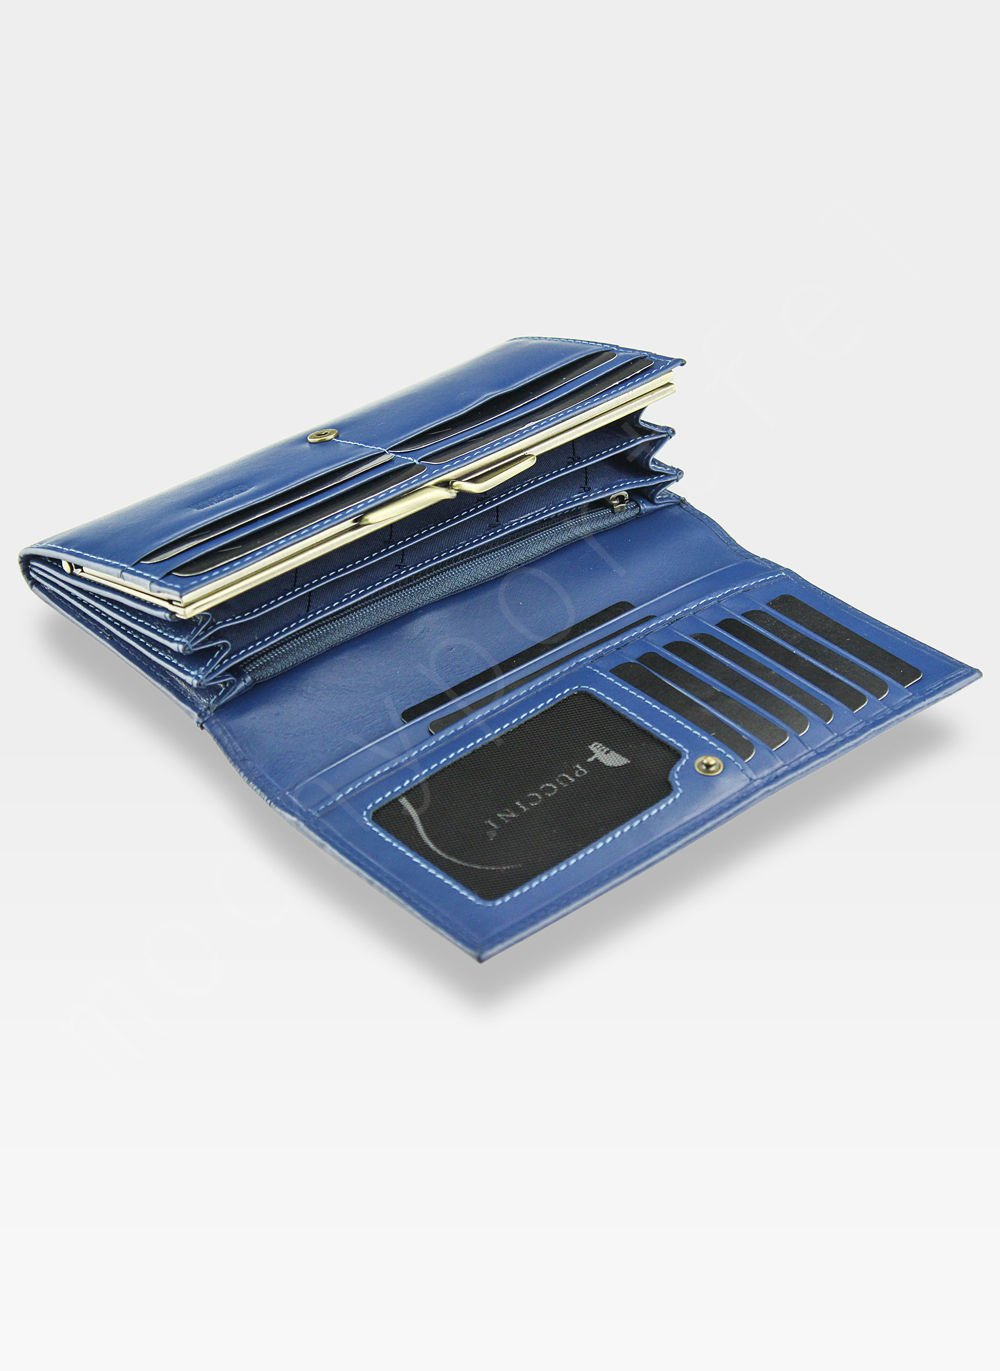 700c9e3b08c46 ... Portfel Damski Skórzany PUCCINI Rozbudowany Niebieskie 1705P Kliknij